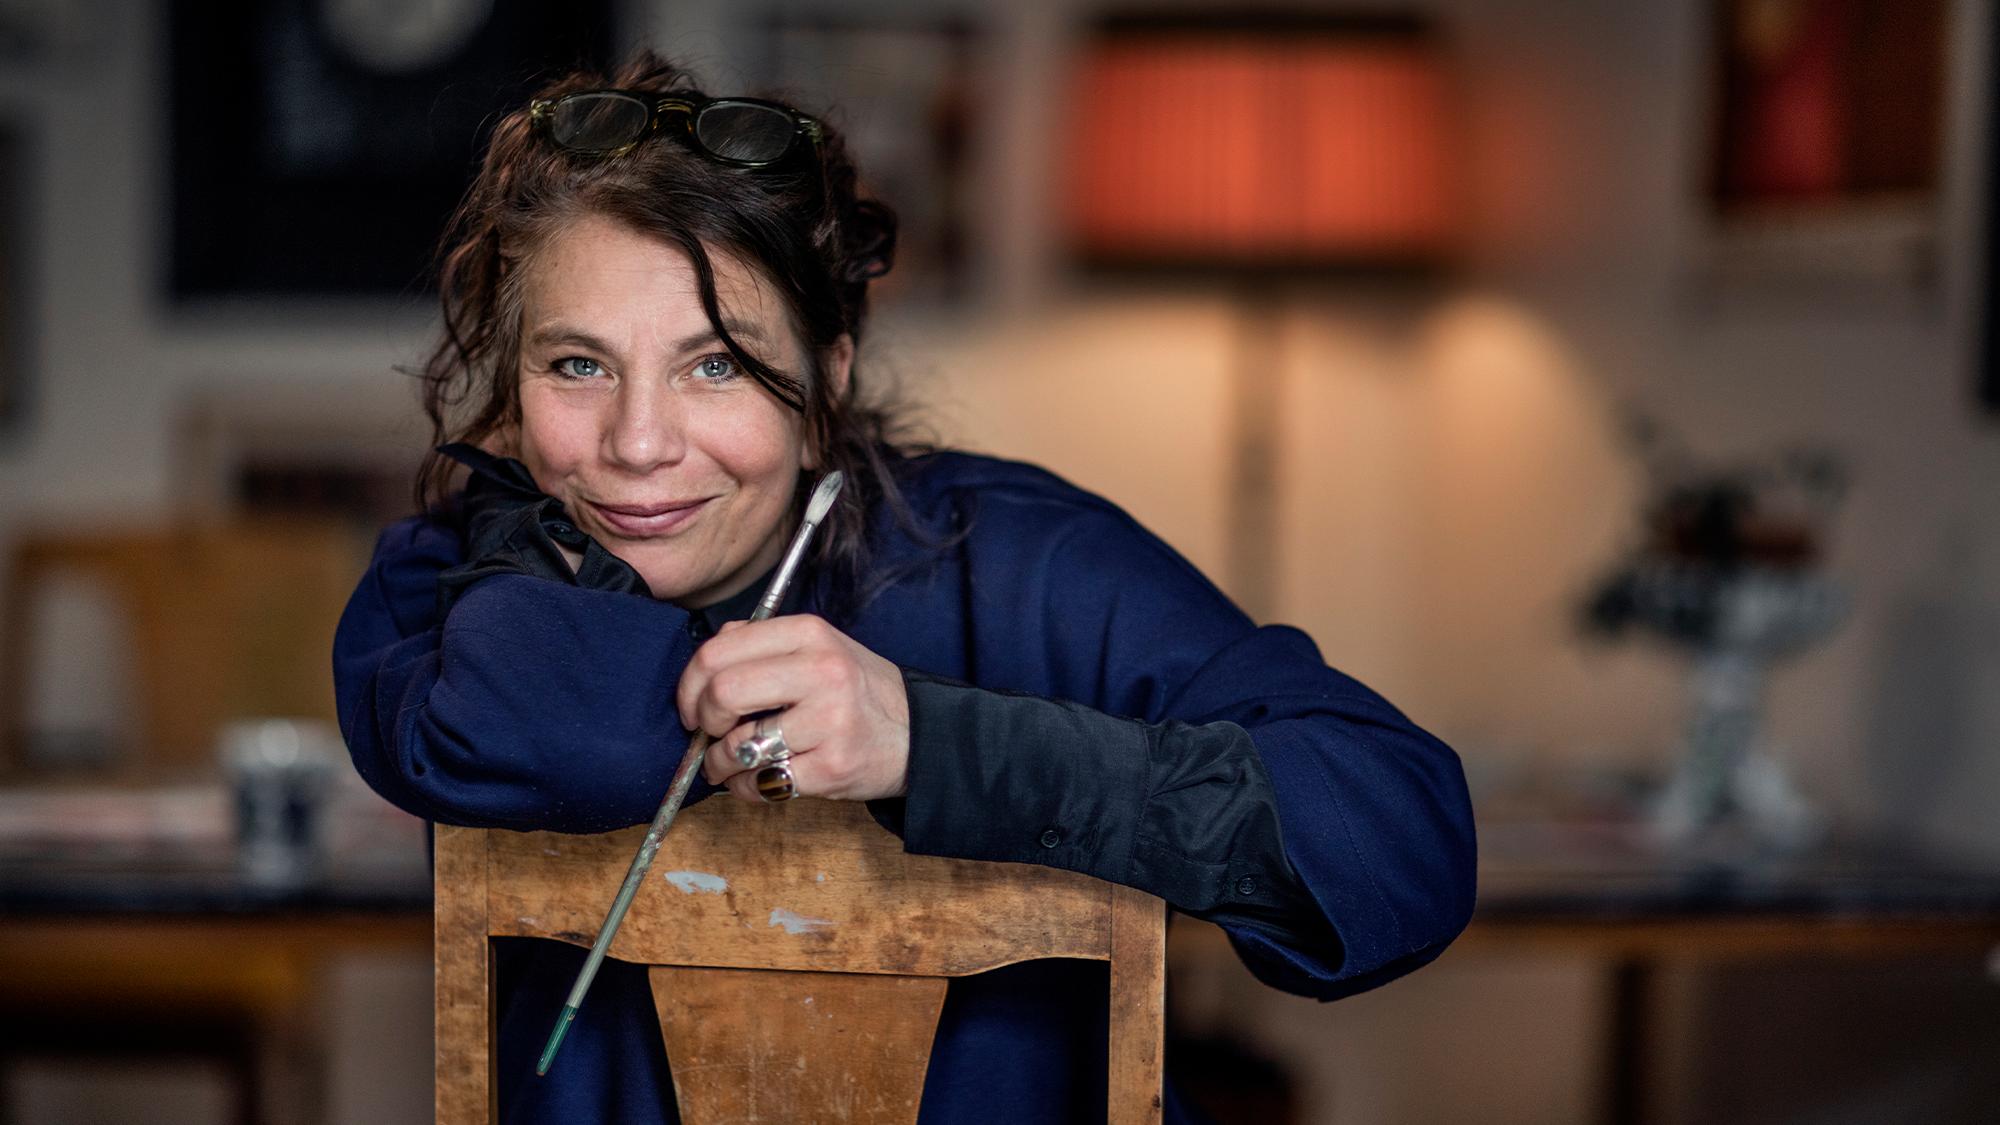 Åsa Öhrn sitter på en stol med en pensel i handen och tittar in i kameran.